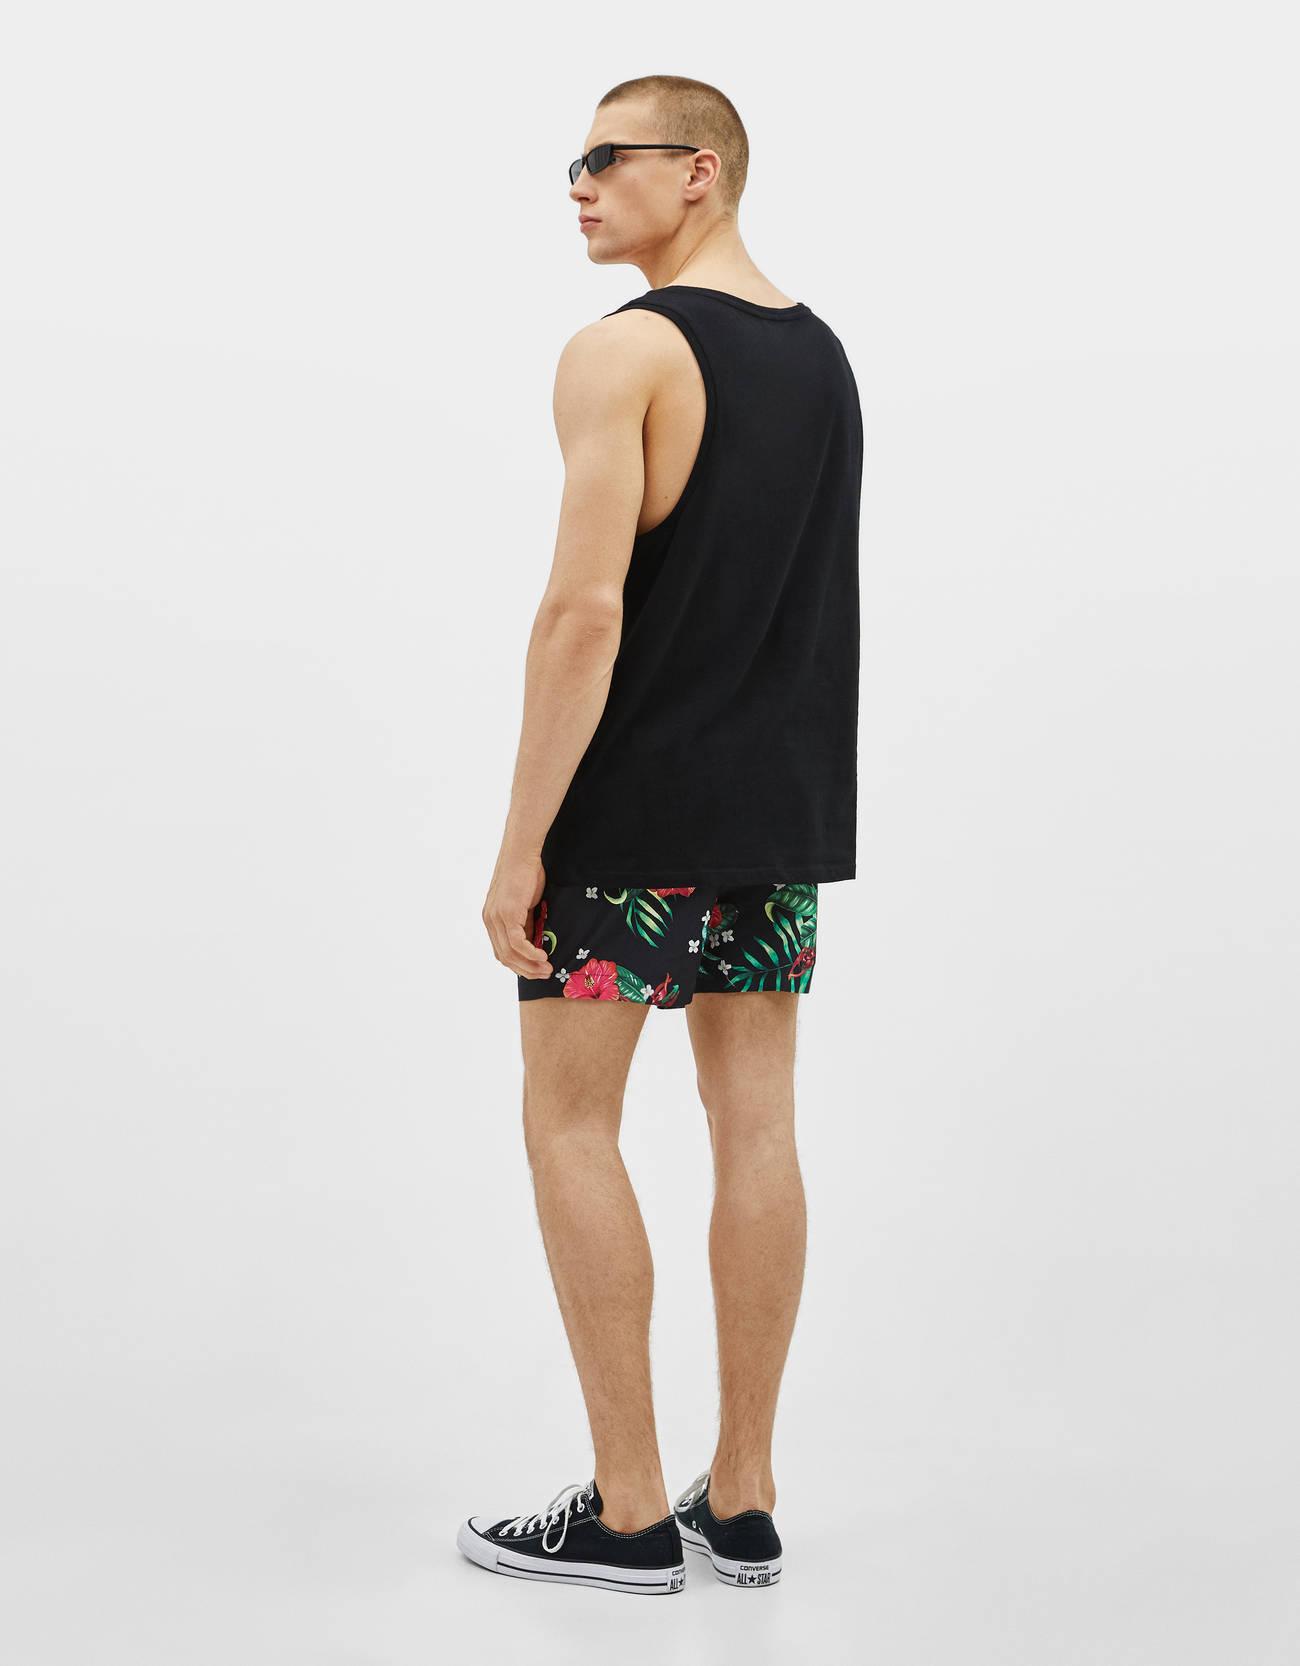 5fd5deeaf6 Floral print swimming trunks - Swimwear - Bershka Philippines